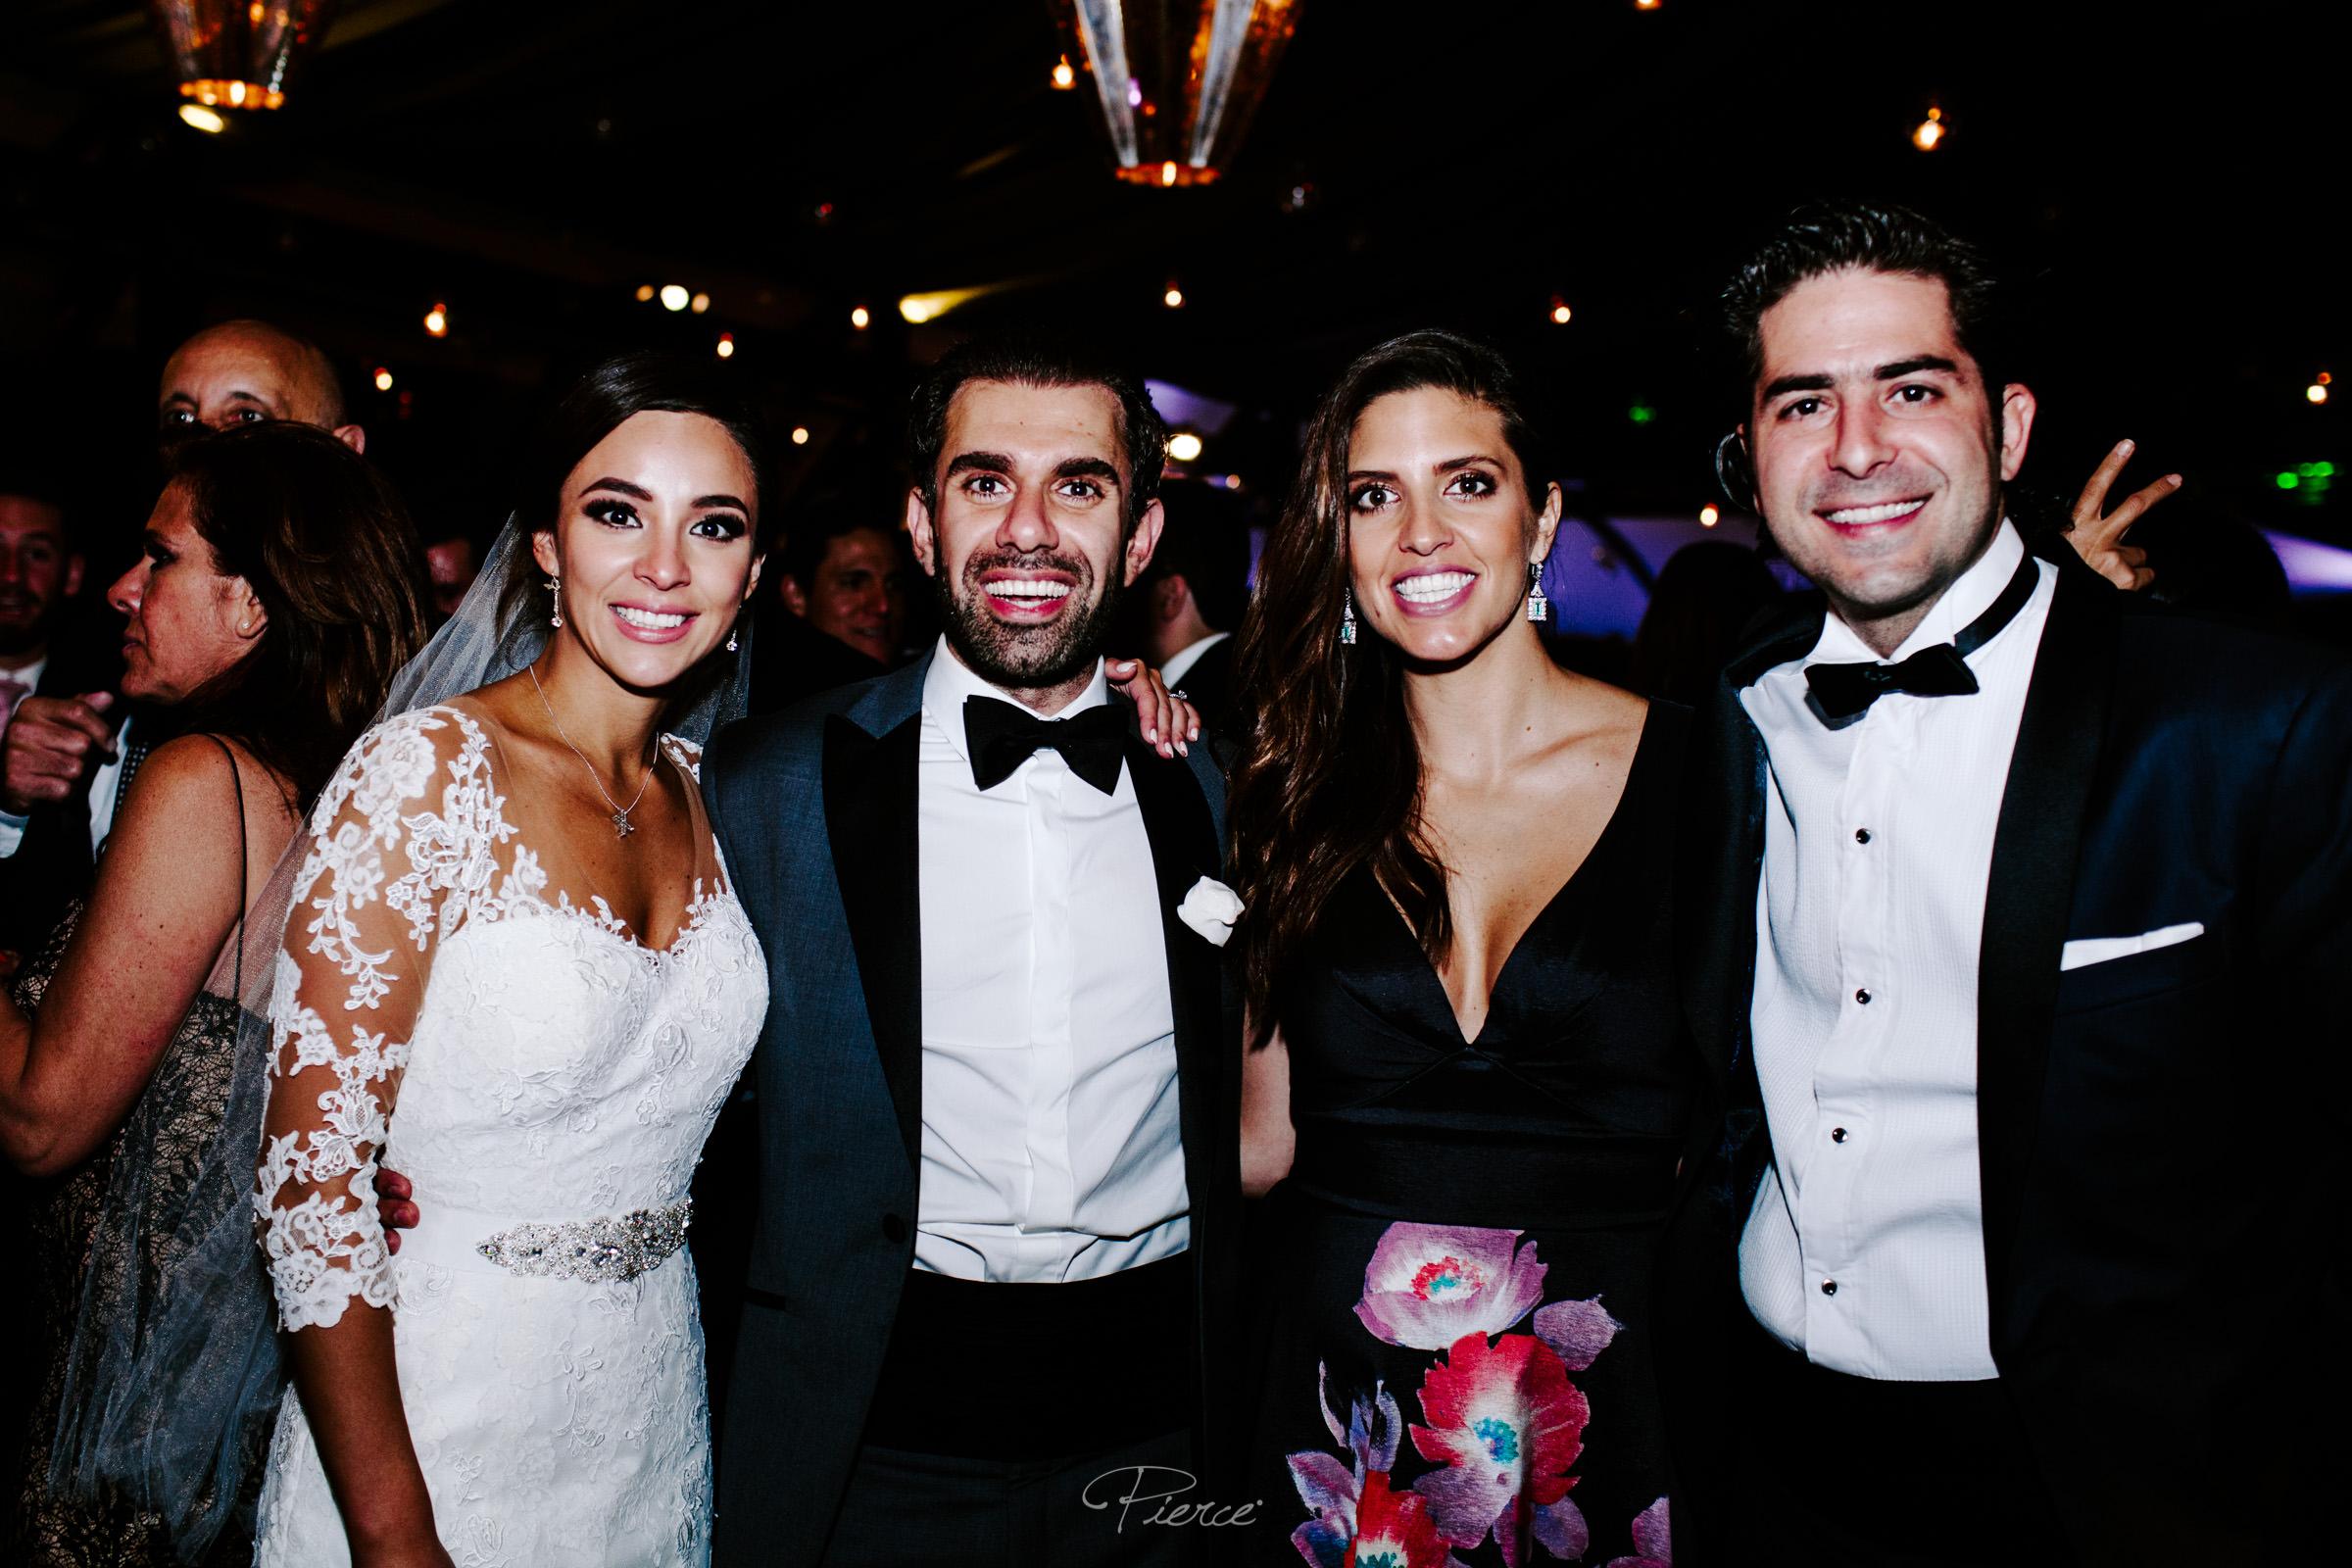 fotografia-de-boda-valle-de-bravo-mexico-rosmarino-pierce-weddings-0215.JPG